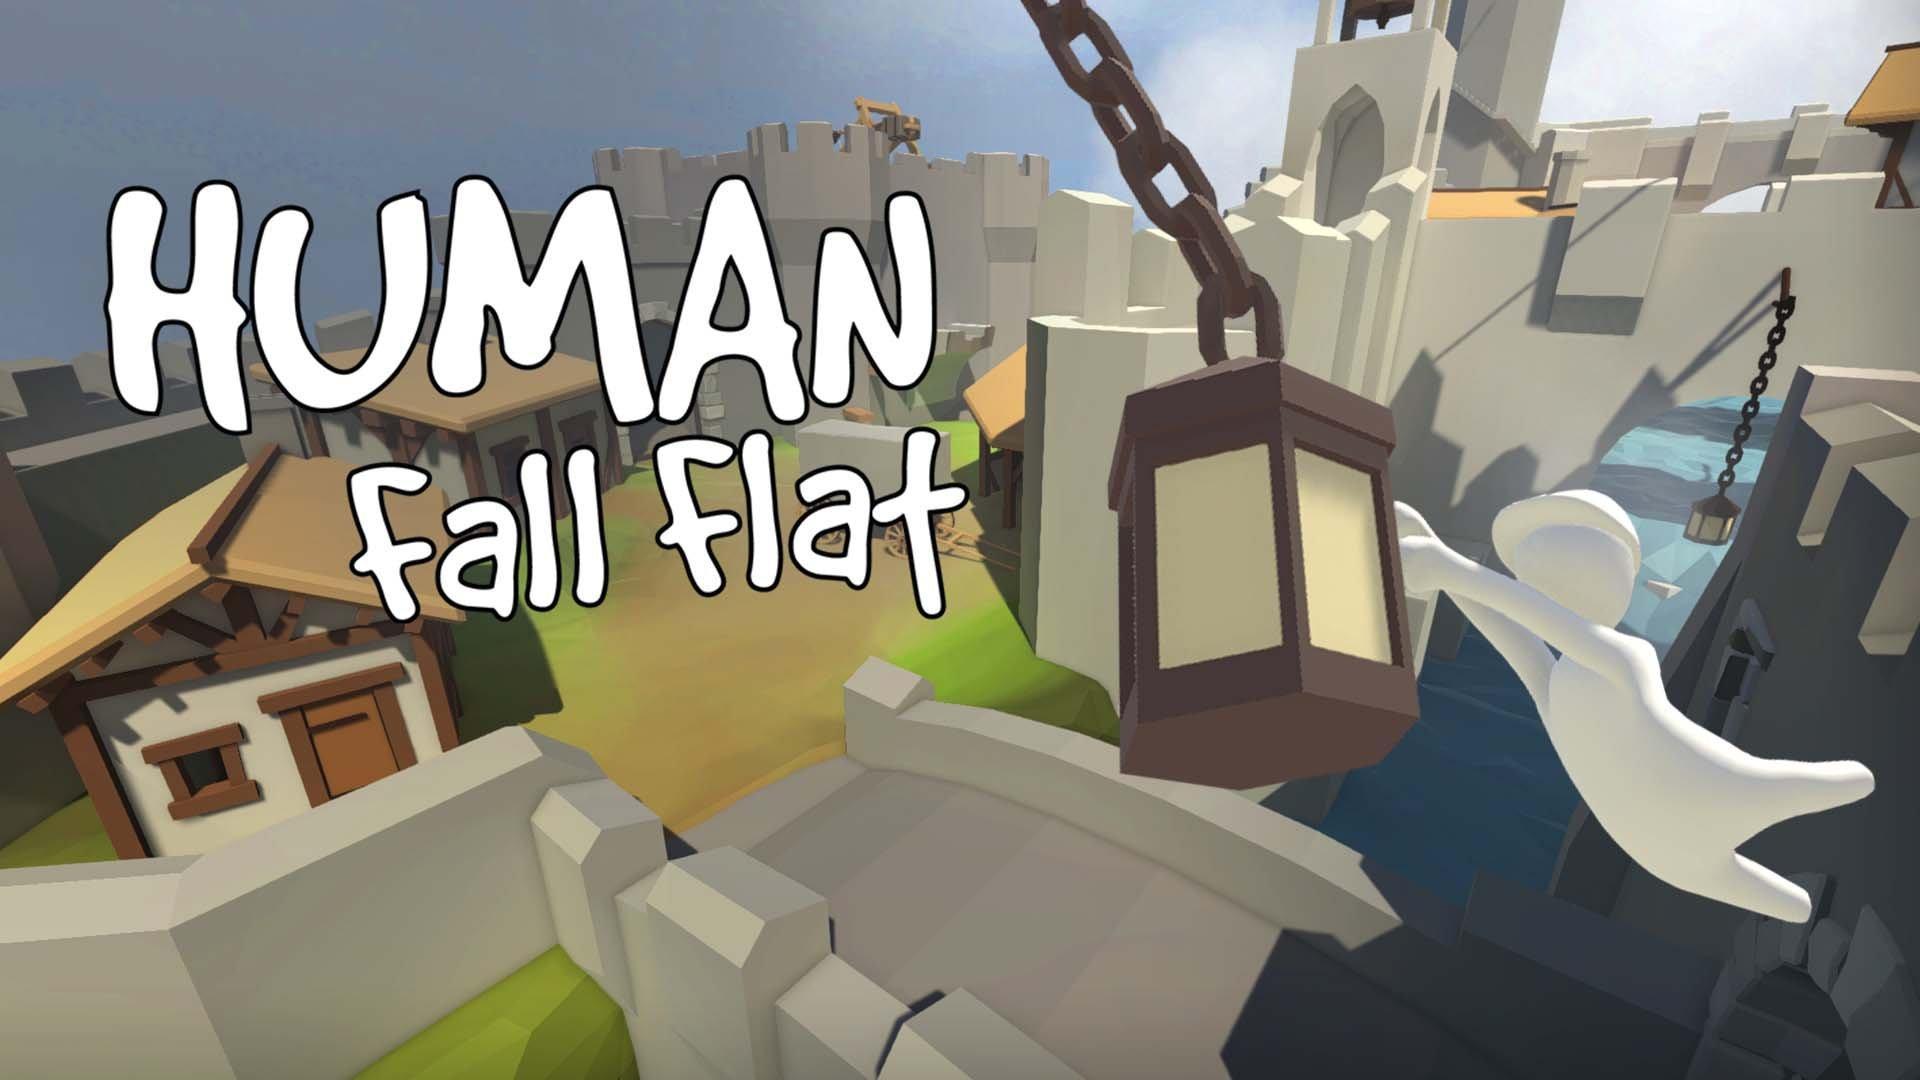 Bildergebnis für human fall flat